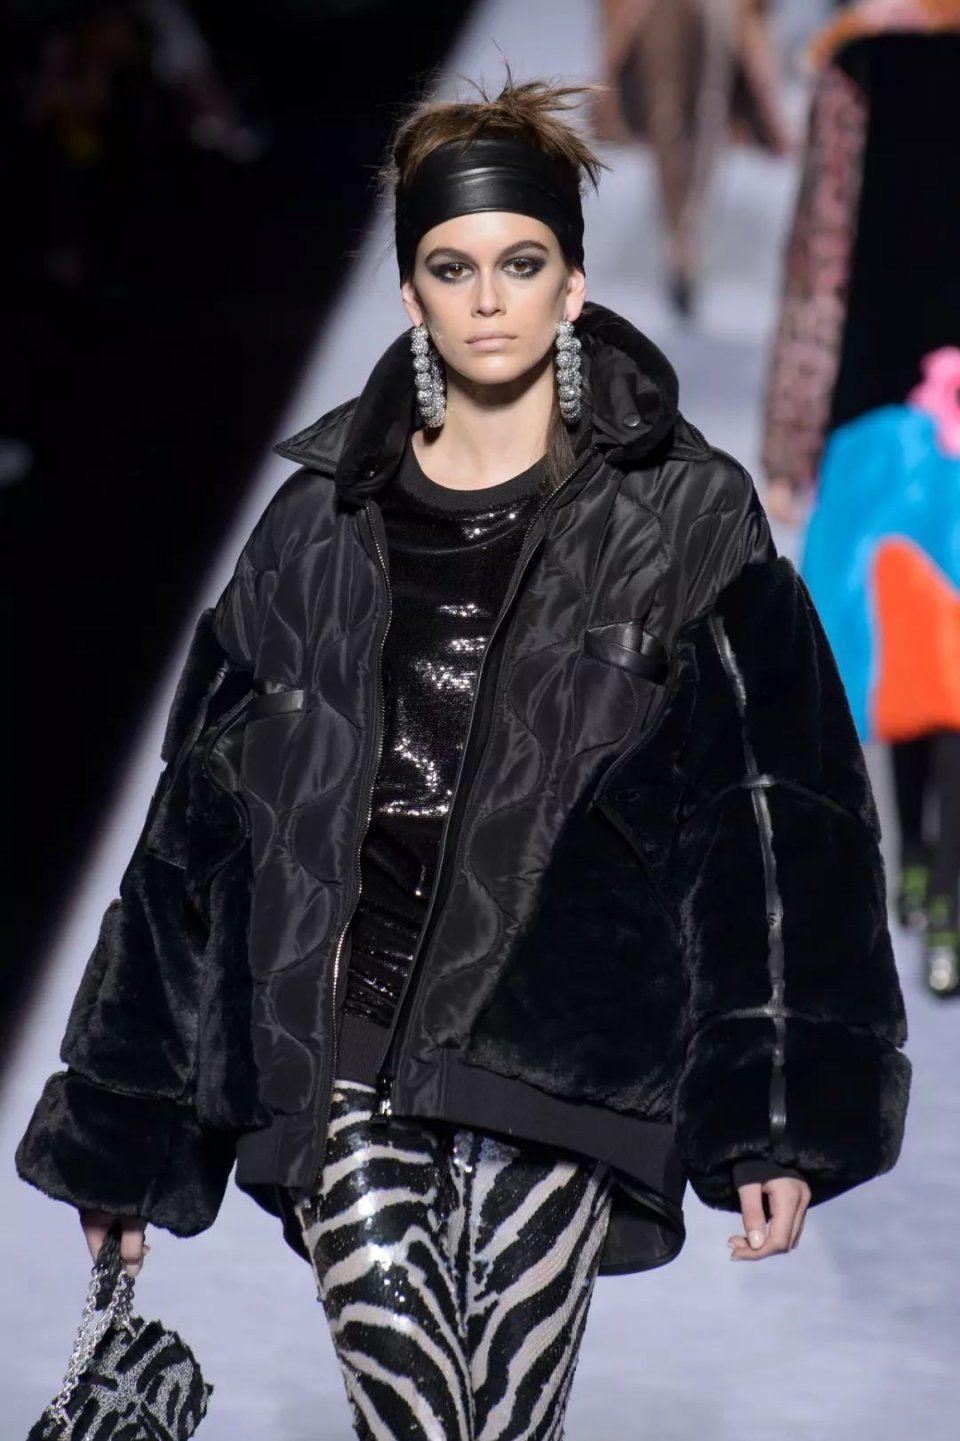 纽约时装周2018秋冬系列皮草设计趋势